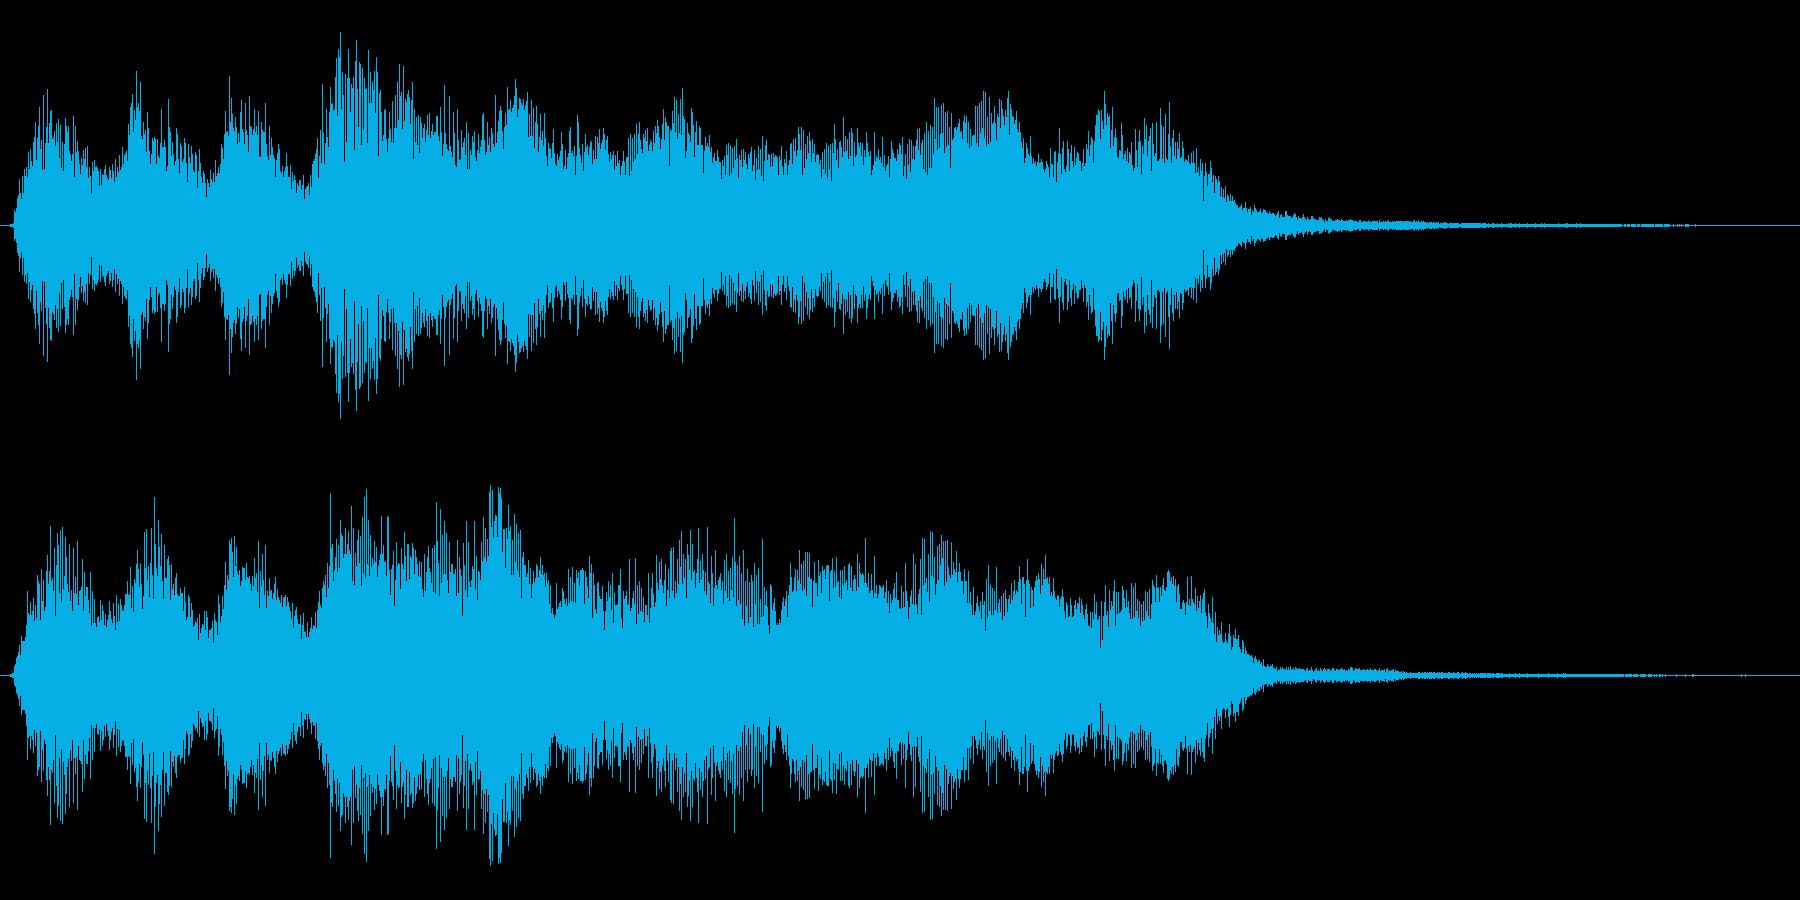 レベルアップやミッションクリアジングル の再生済みの波形